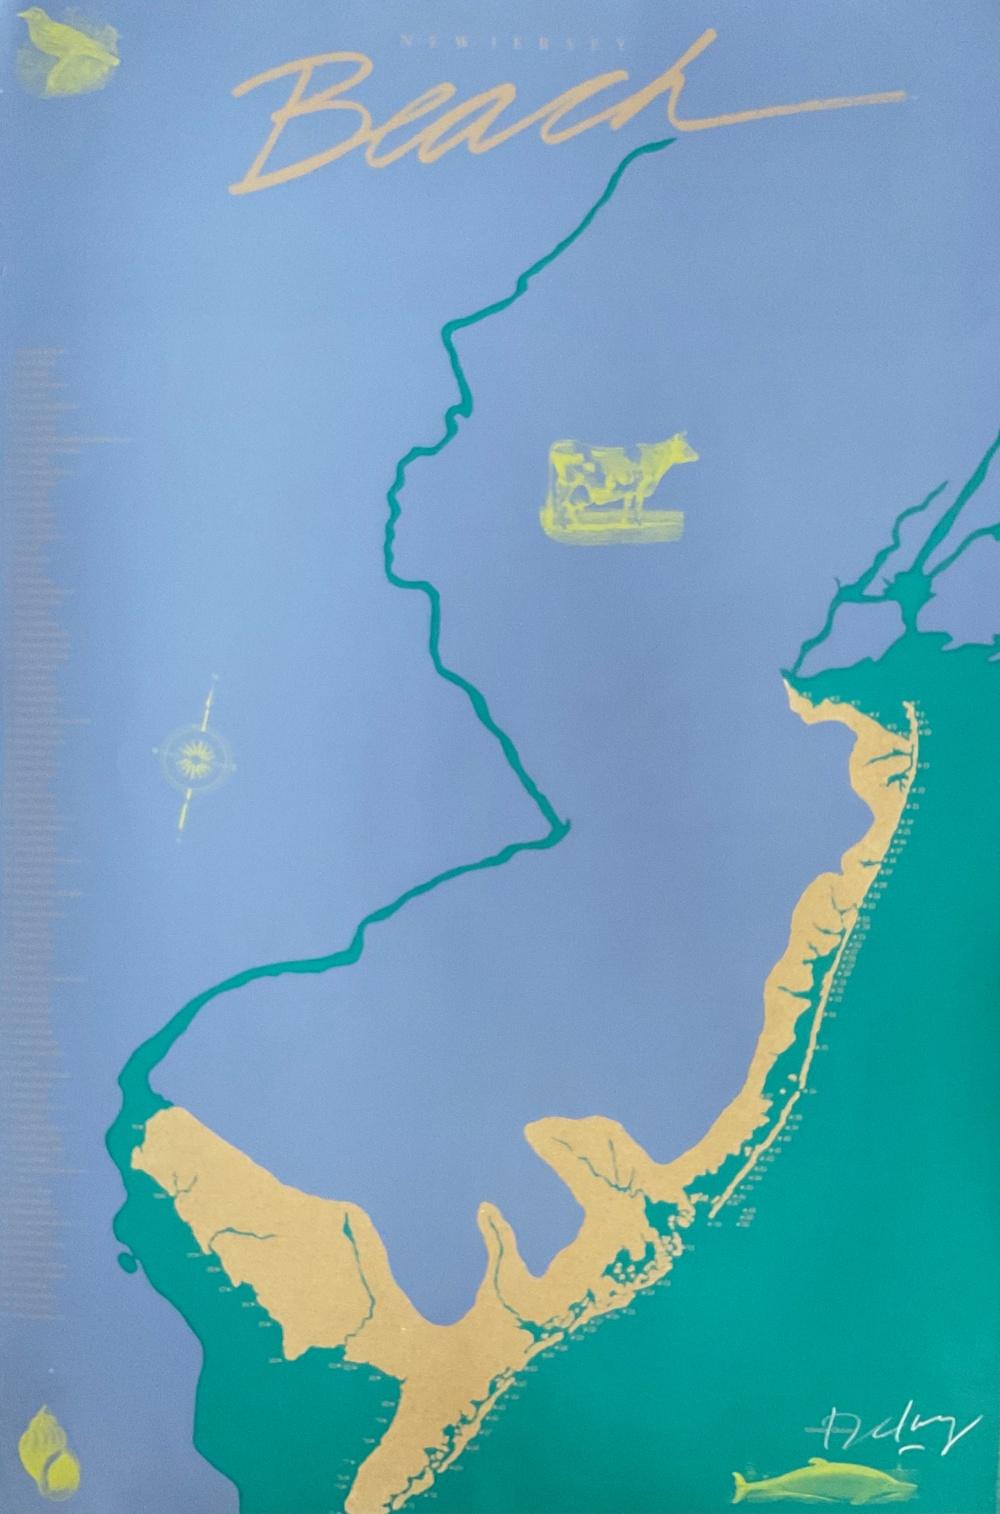 New Jersey Beach Poster